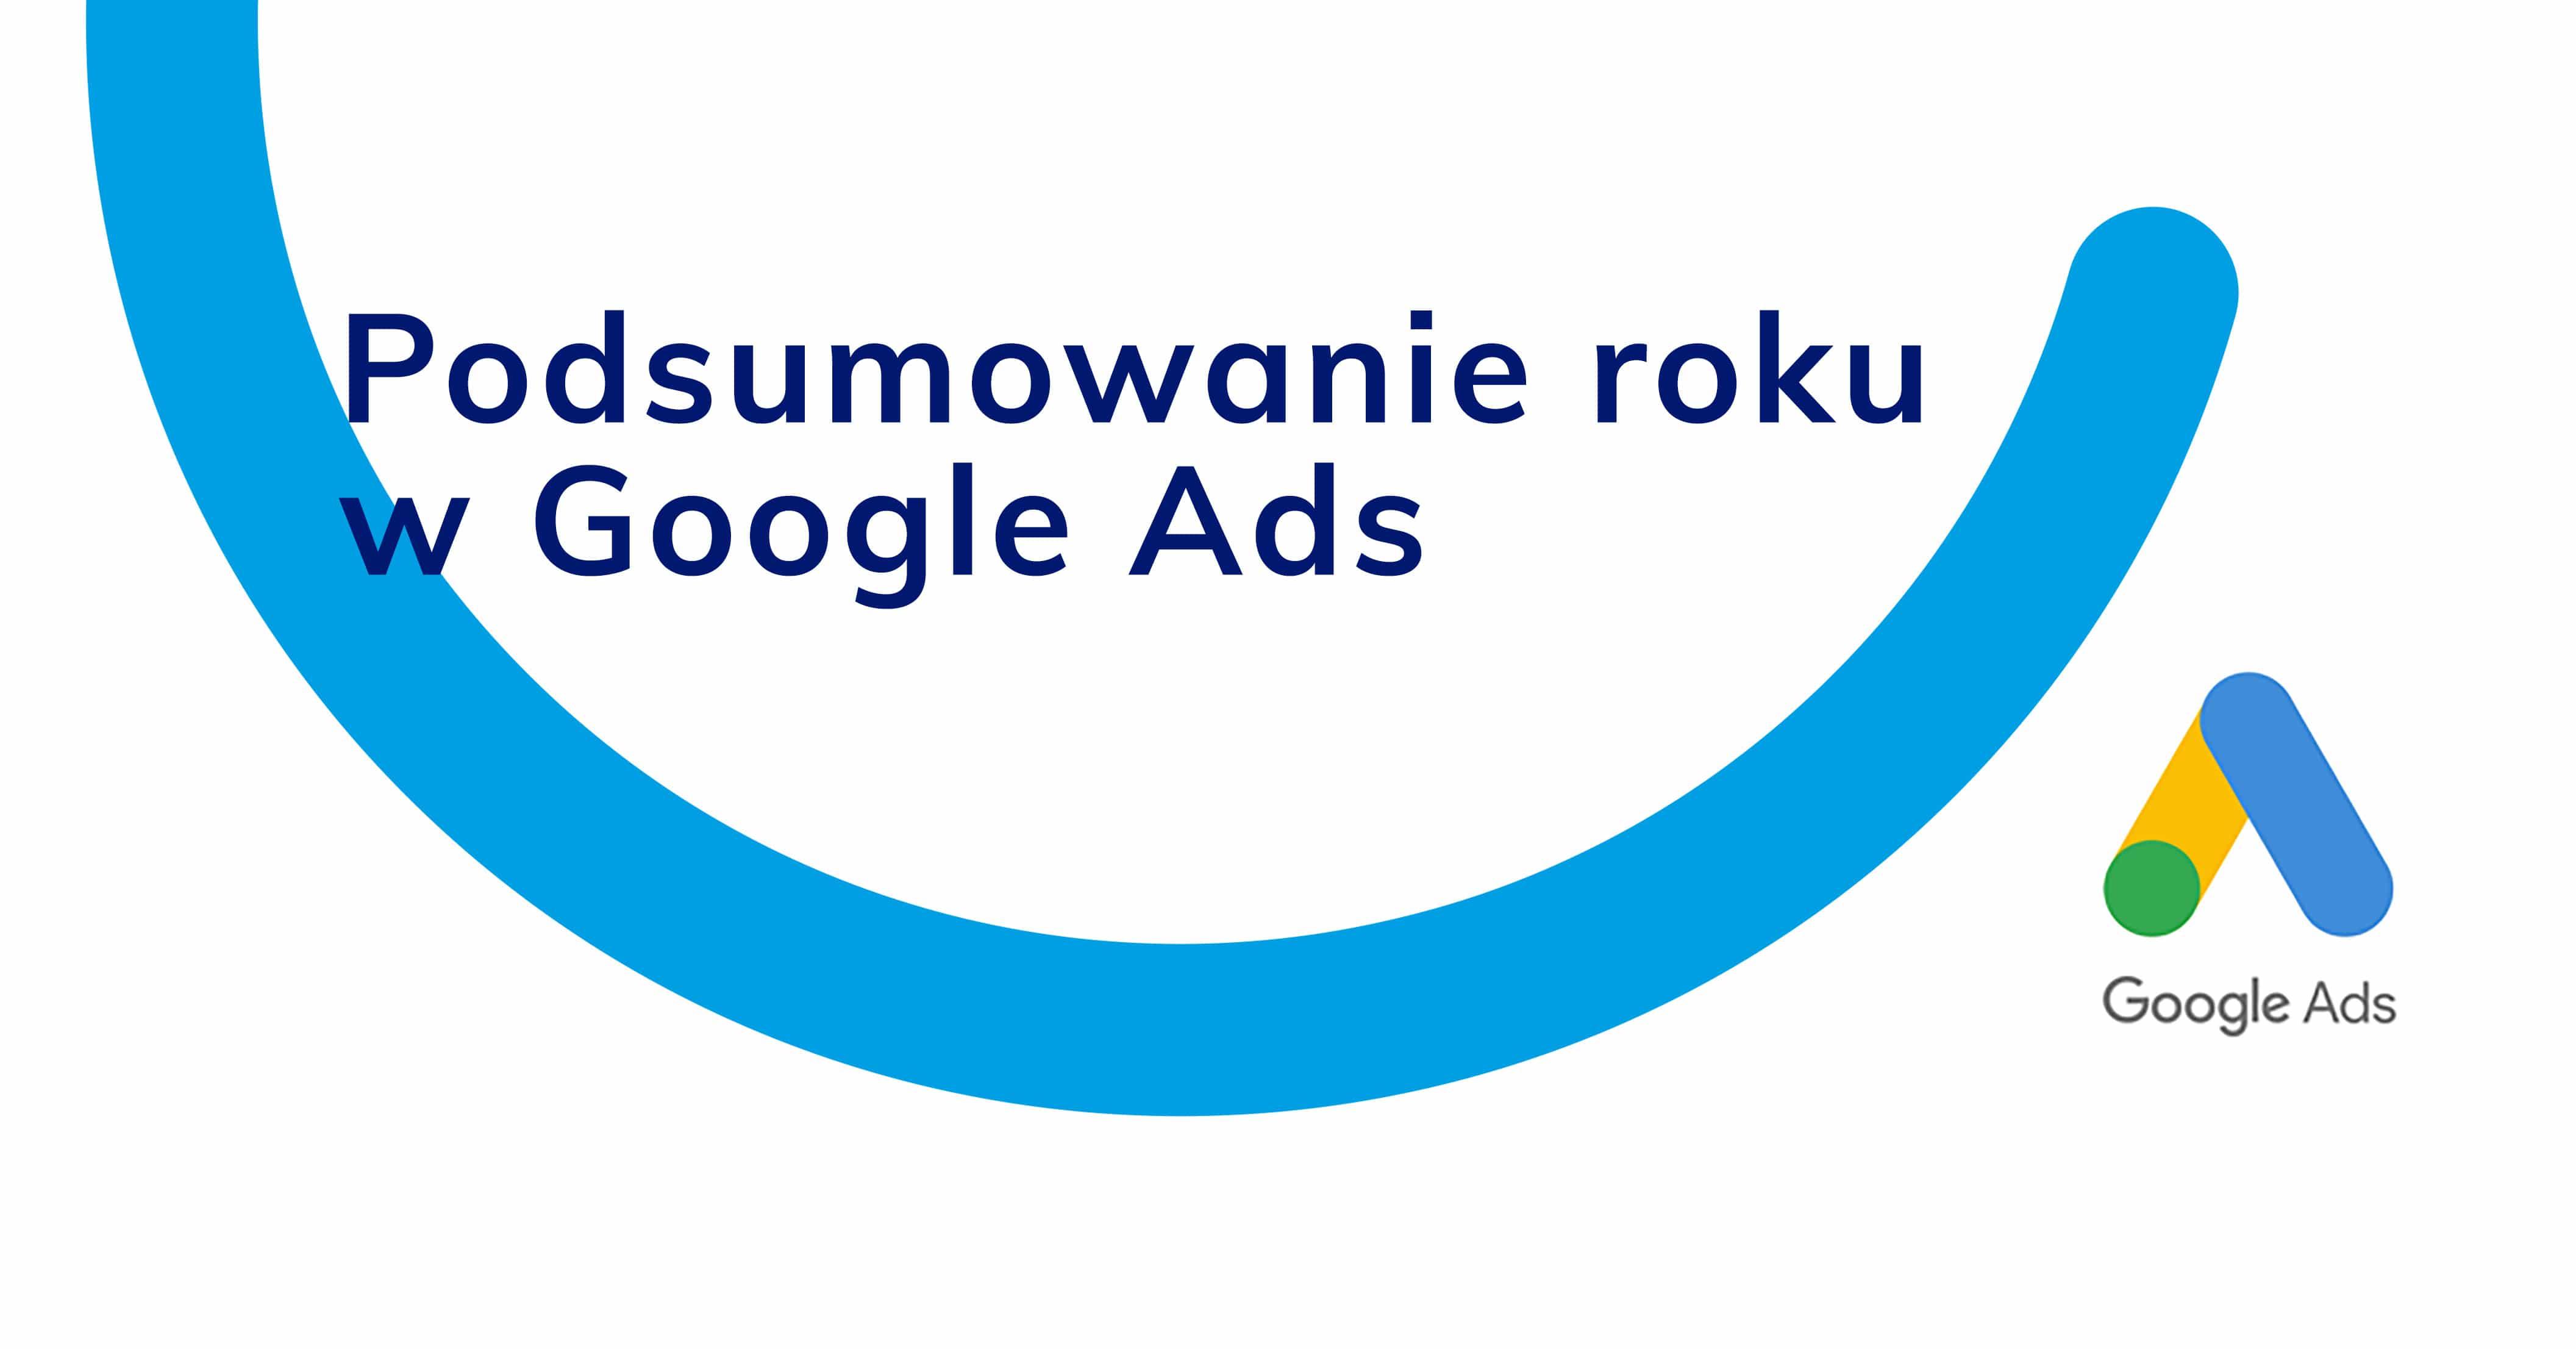 podsumowanie roku w Google Ads